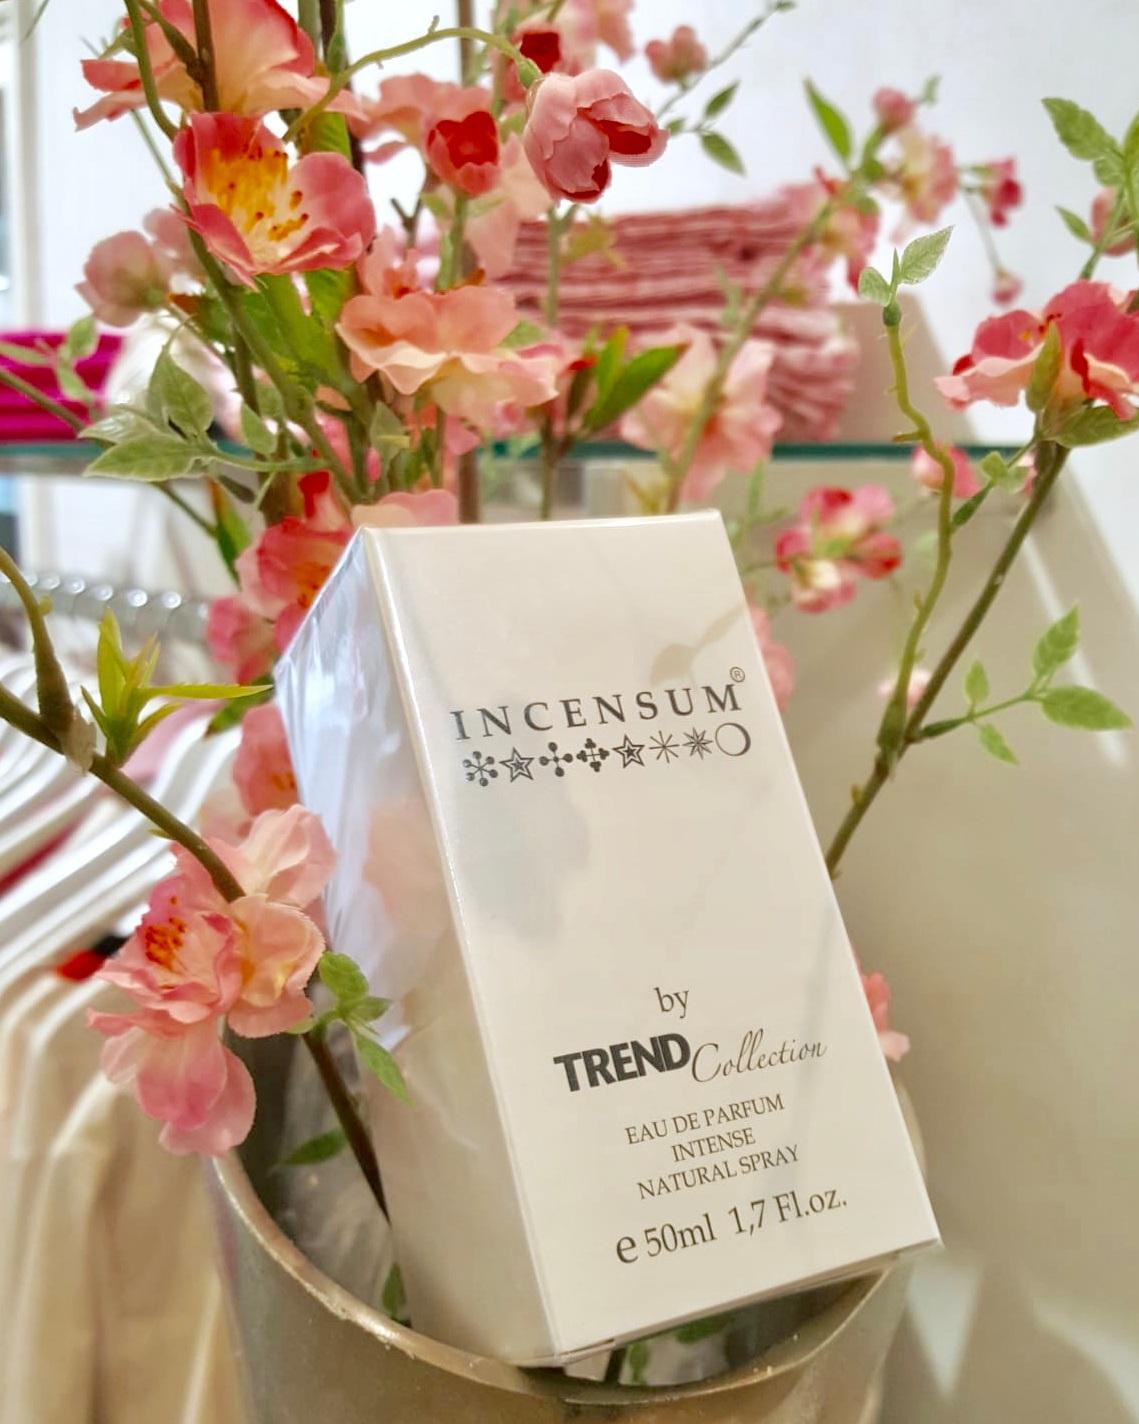 INCENSUM - Ein weiteres Novum ist unser Parfum INCENSUM. Mit Leidenschaft und Liebe haben wir diesen geheimnisvollen und sinnlichen Duft kreiert, der Ihr modisches Lebensgefühl perfektioniert. INCENSUM ist exklusiv in unseren Geschäften oder auch online bei uns erhältlich.